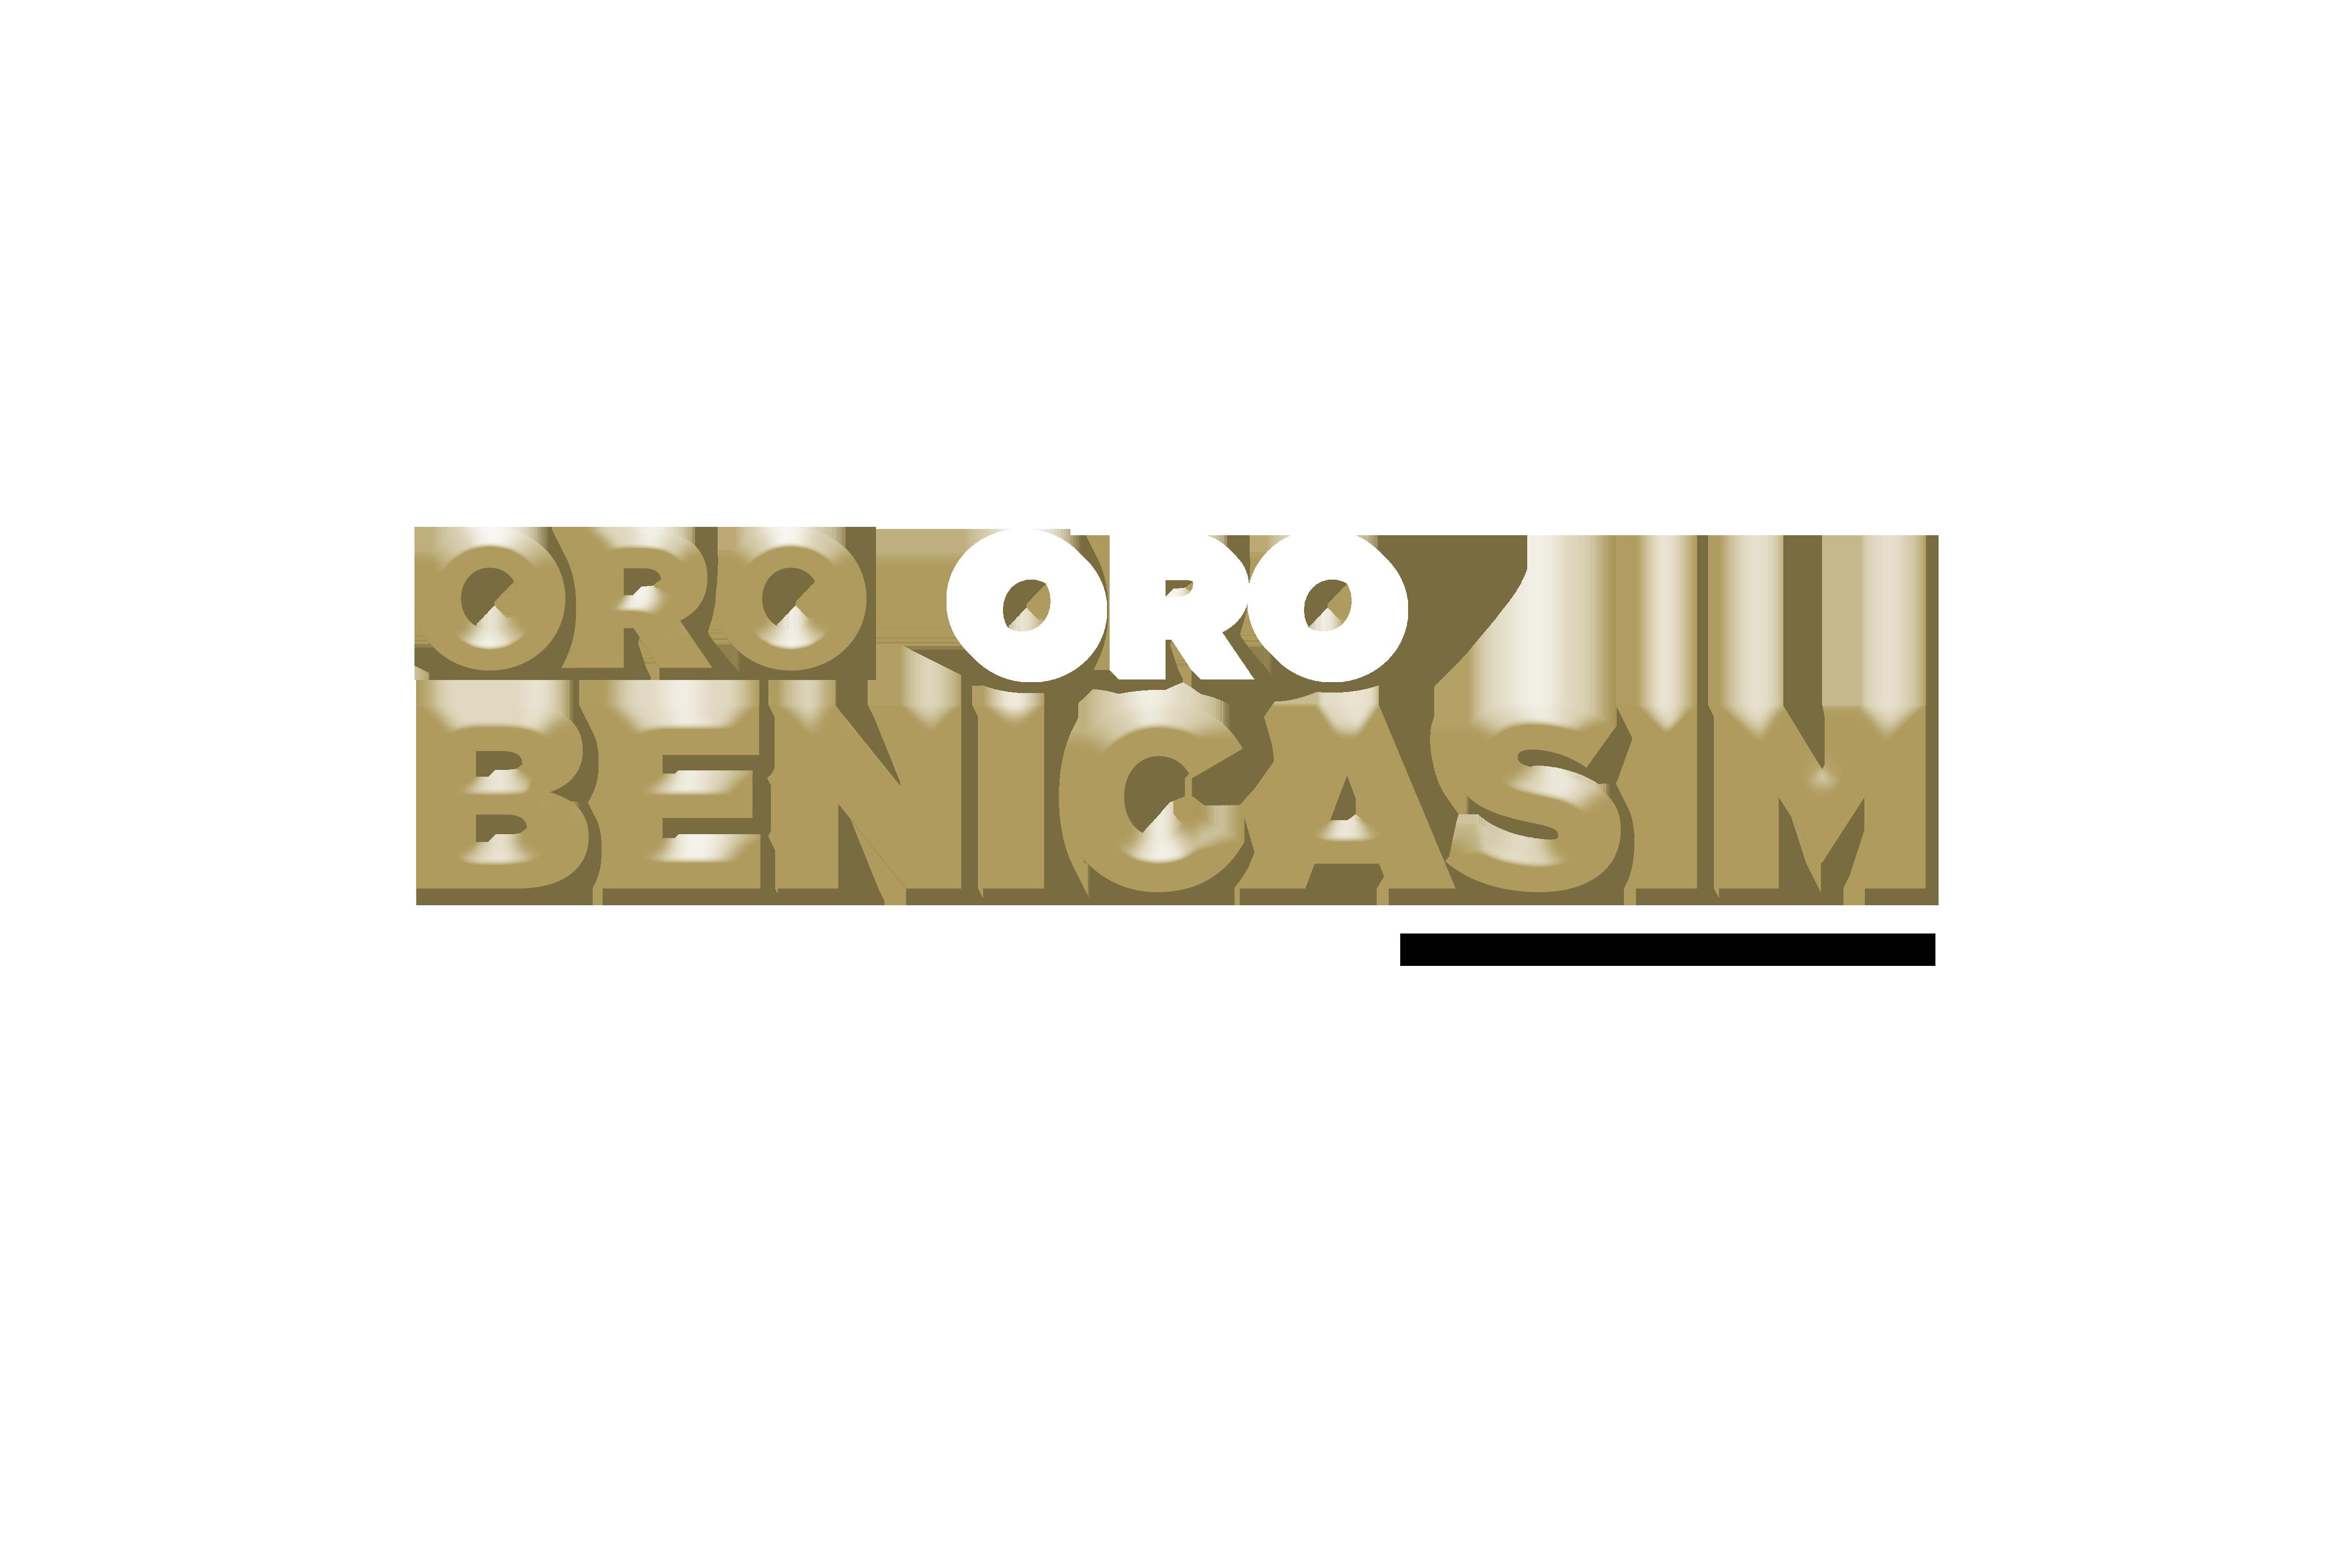 Oro Benicasim